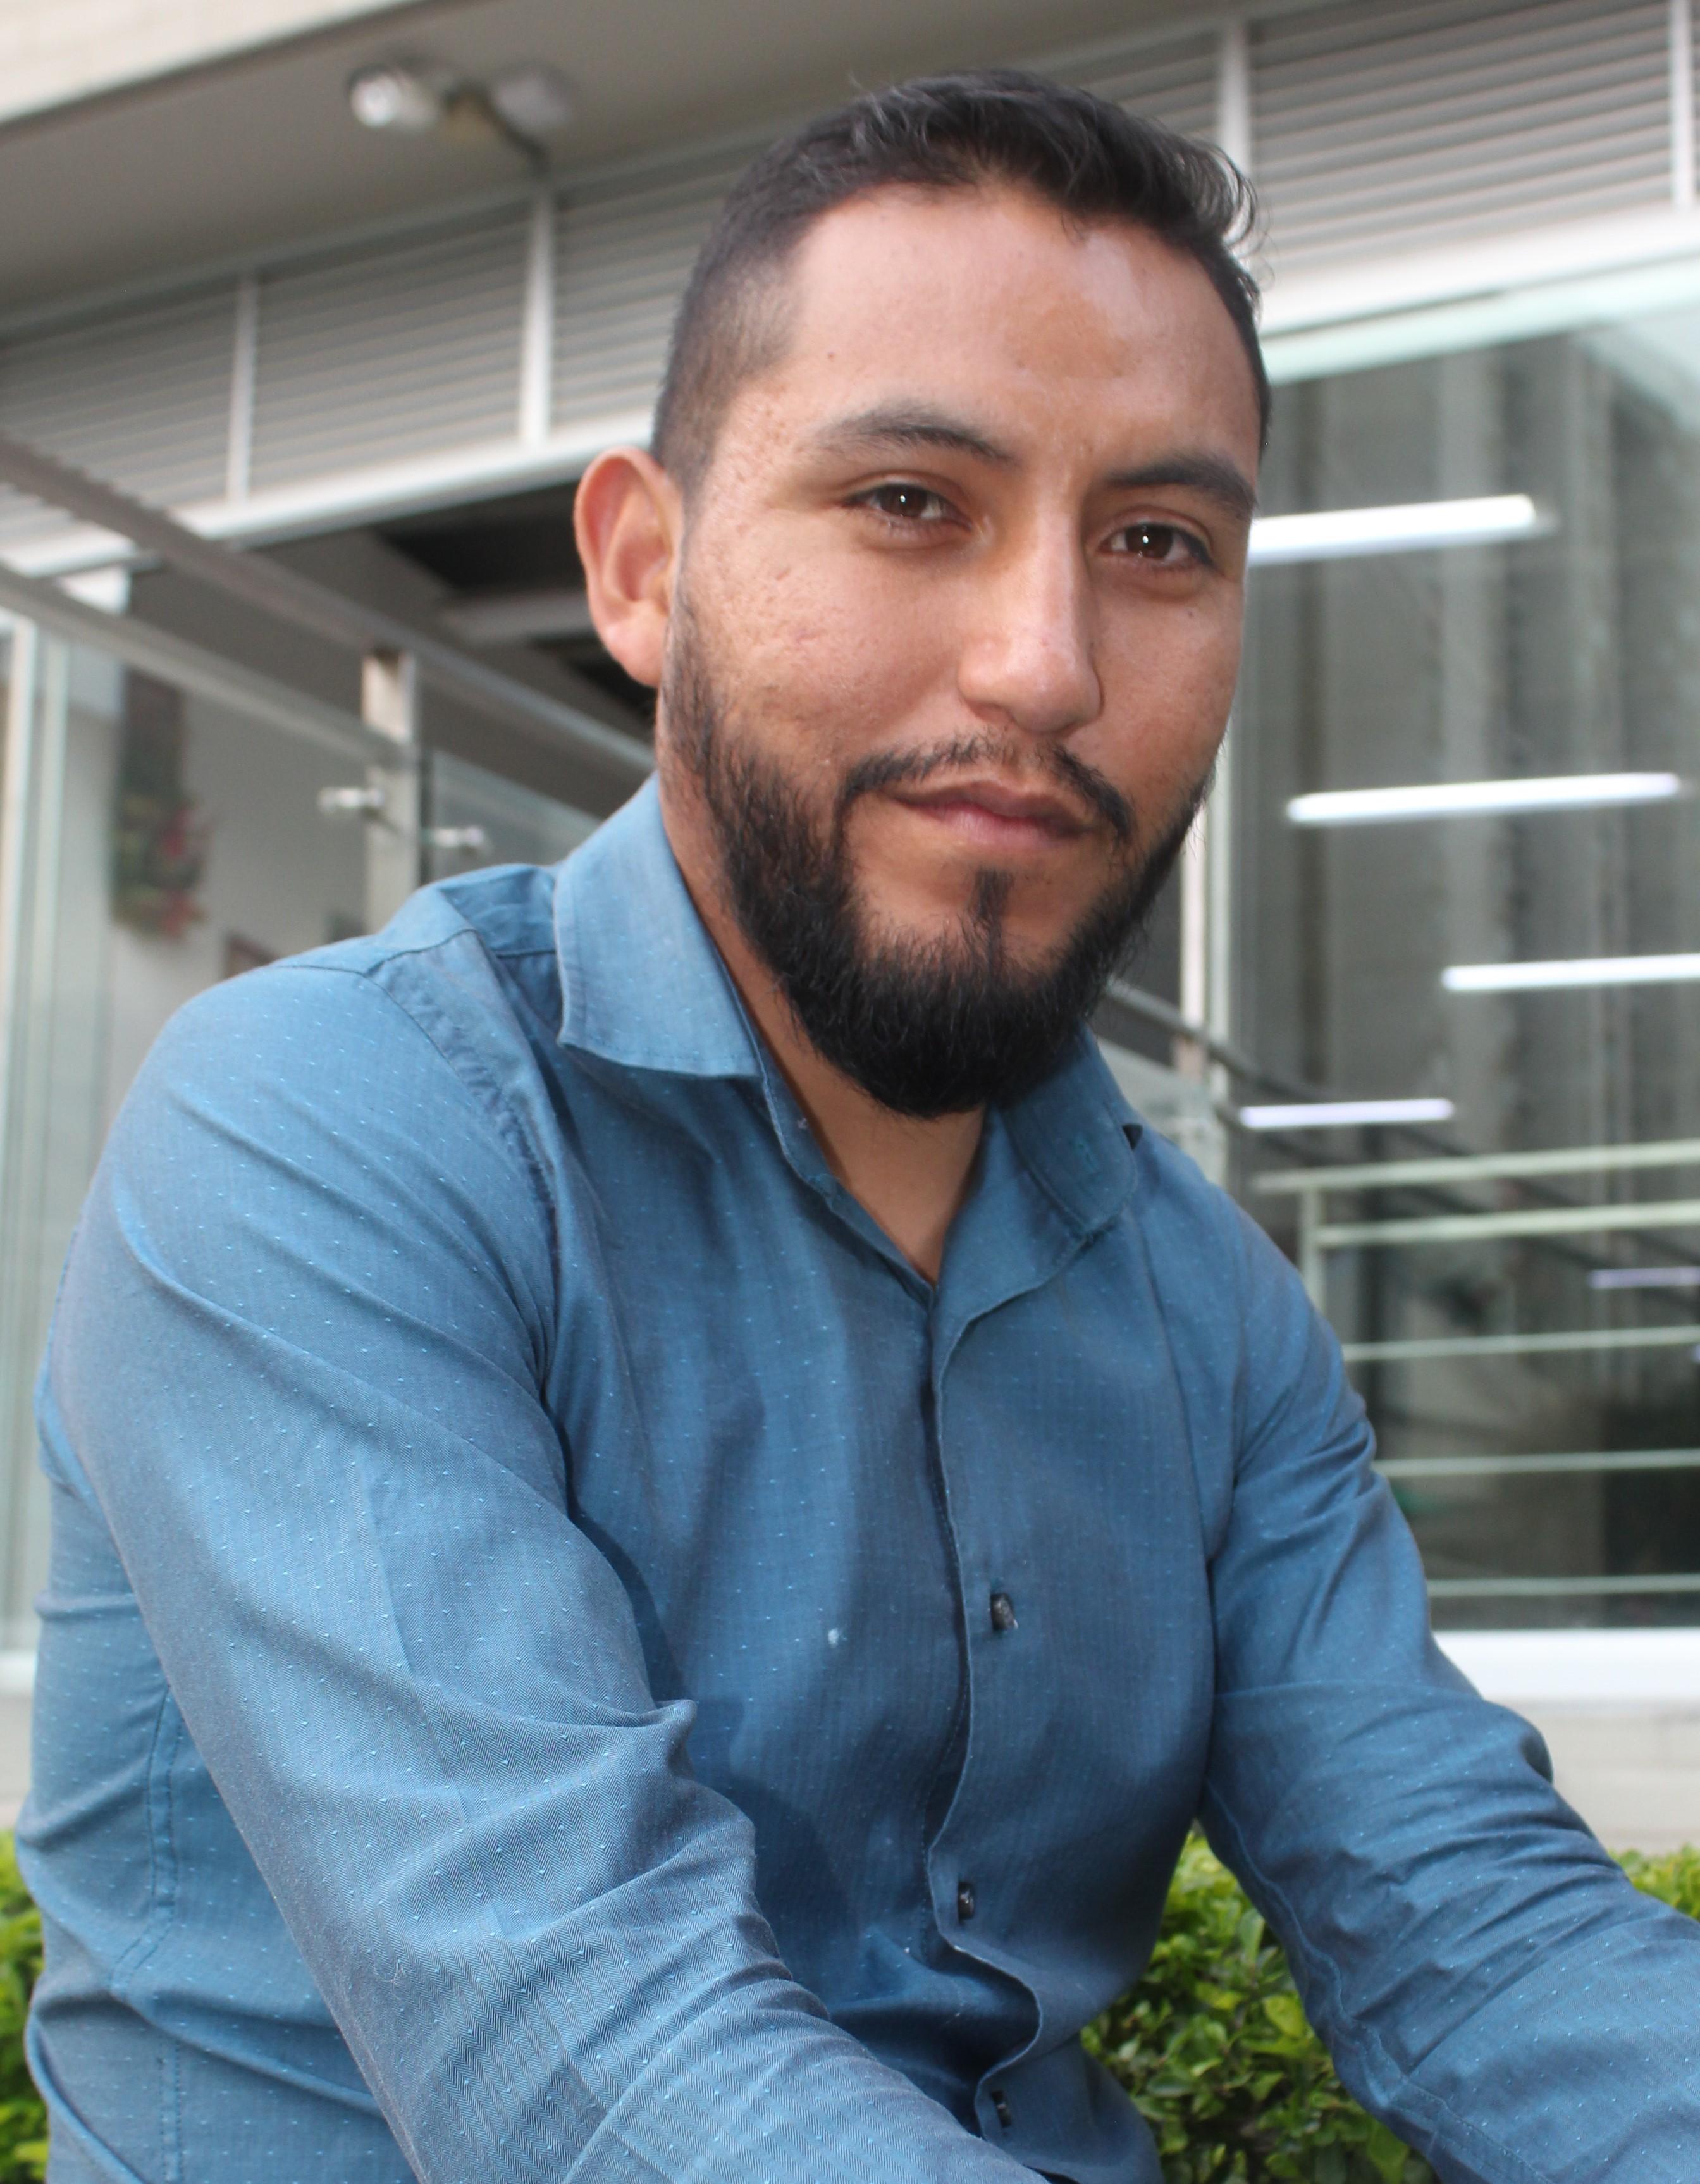 Oscar Felipe Ortiz Benavides